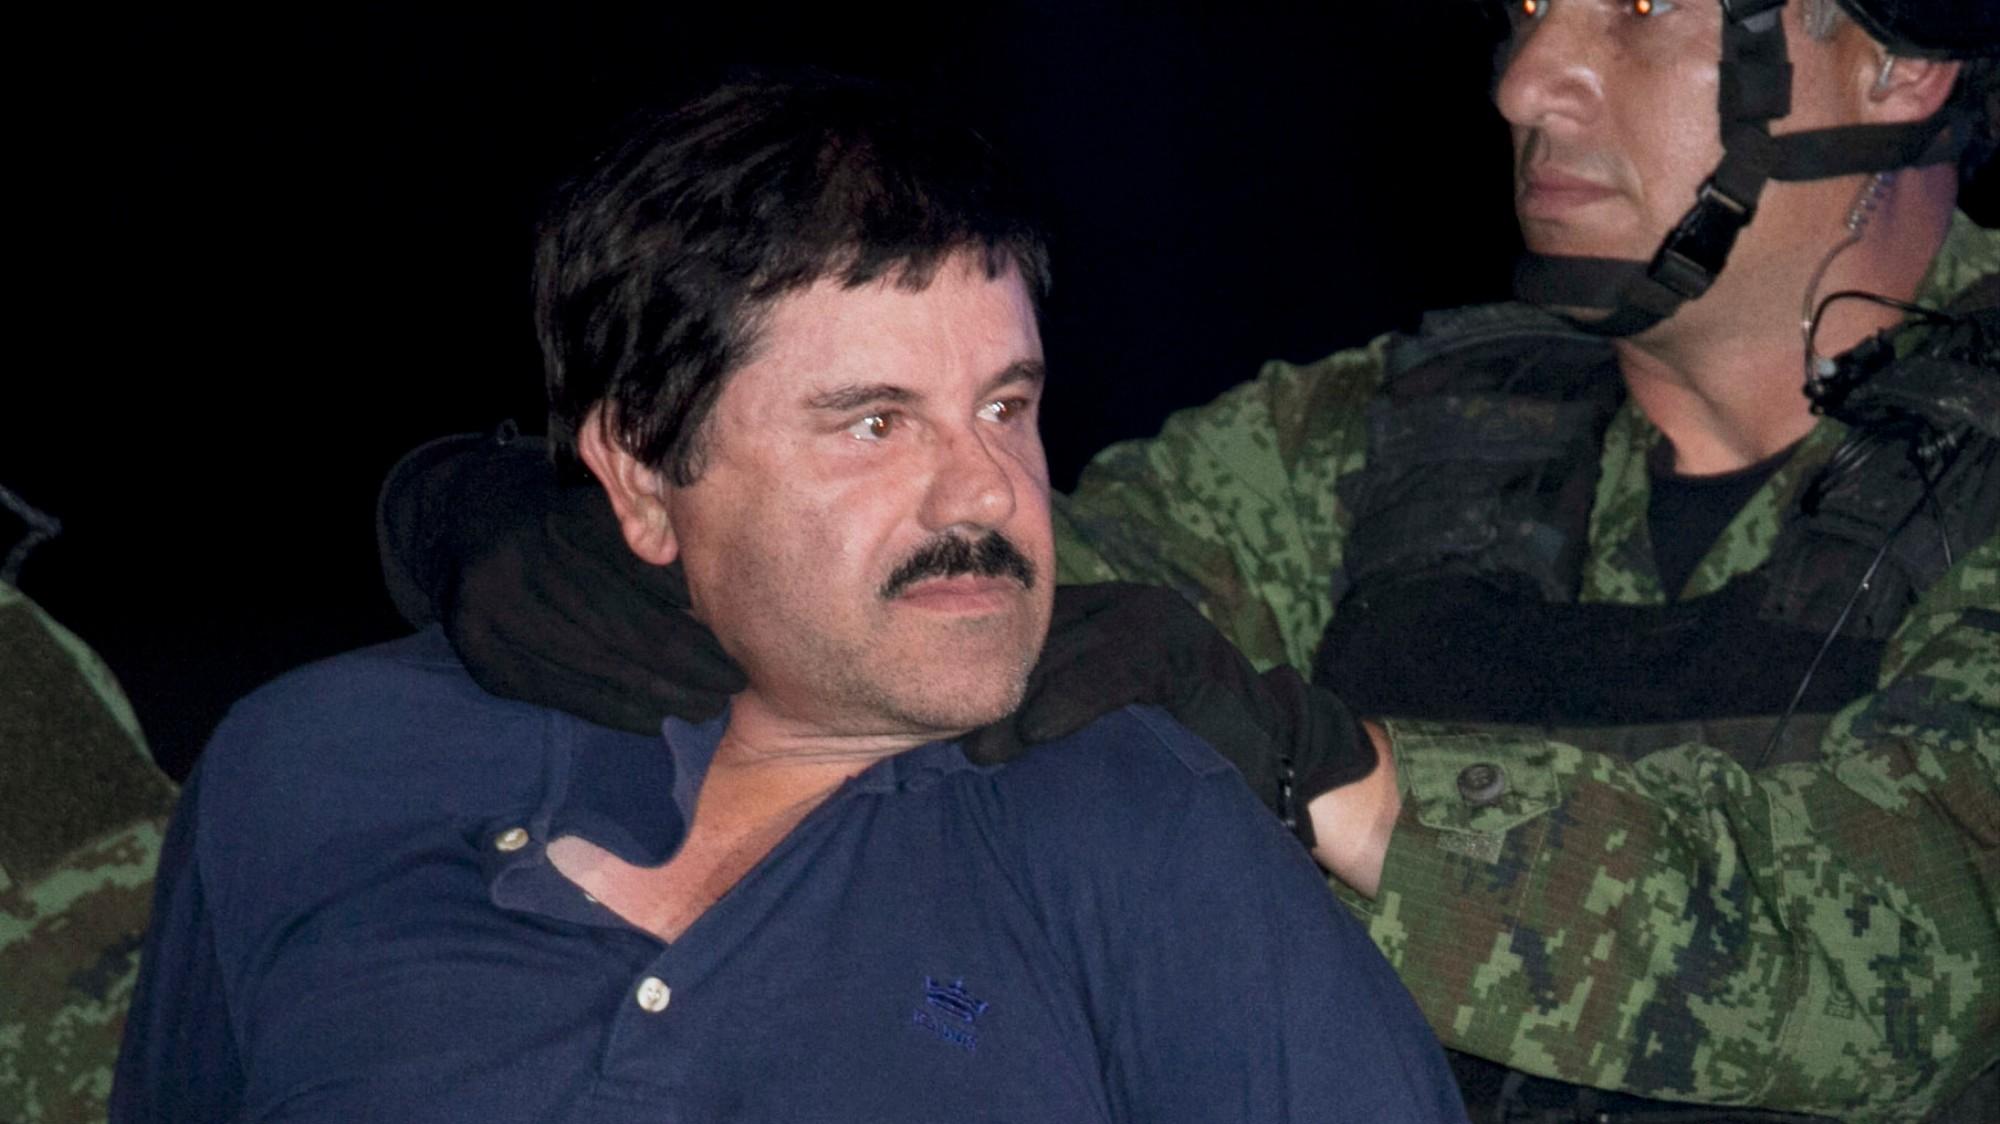 El Hermano Del Socio De El Chapo Acaba De Revelar Los